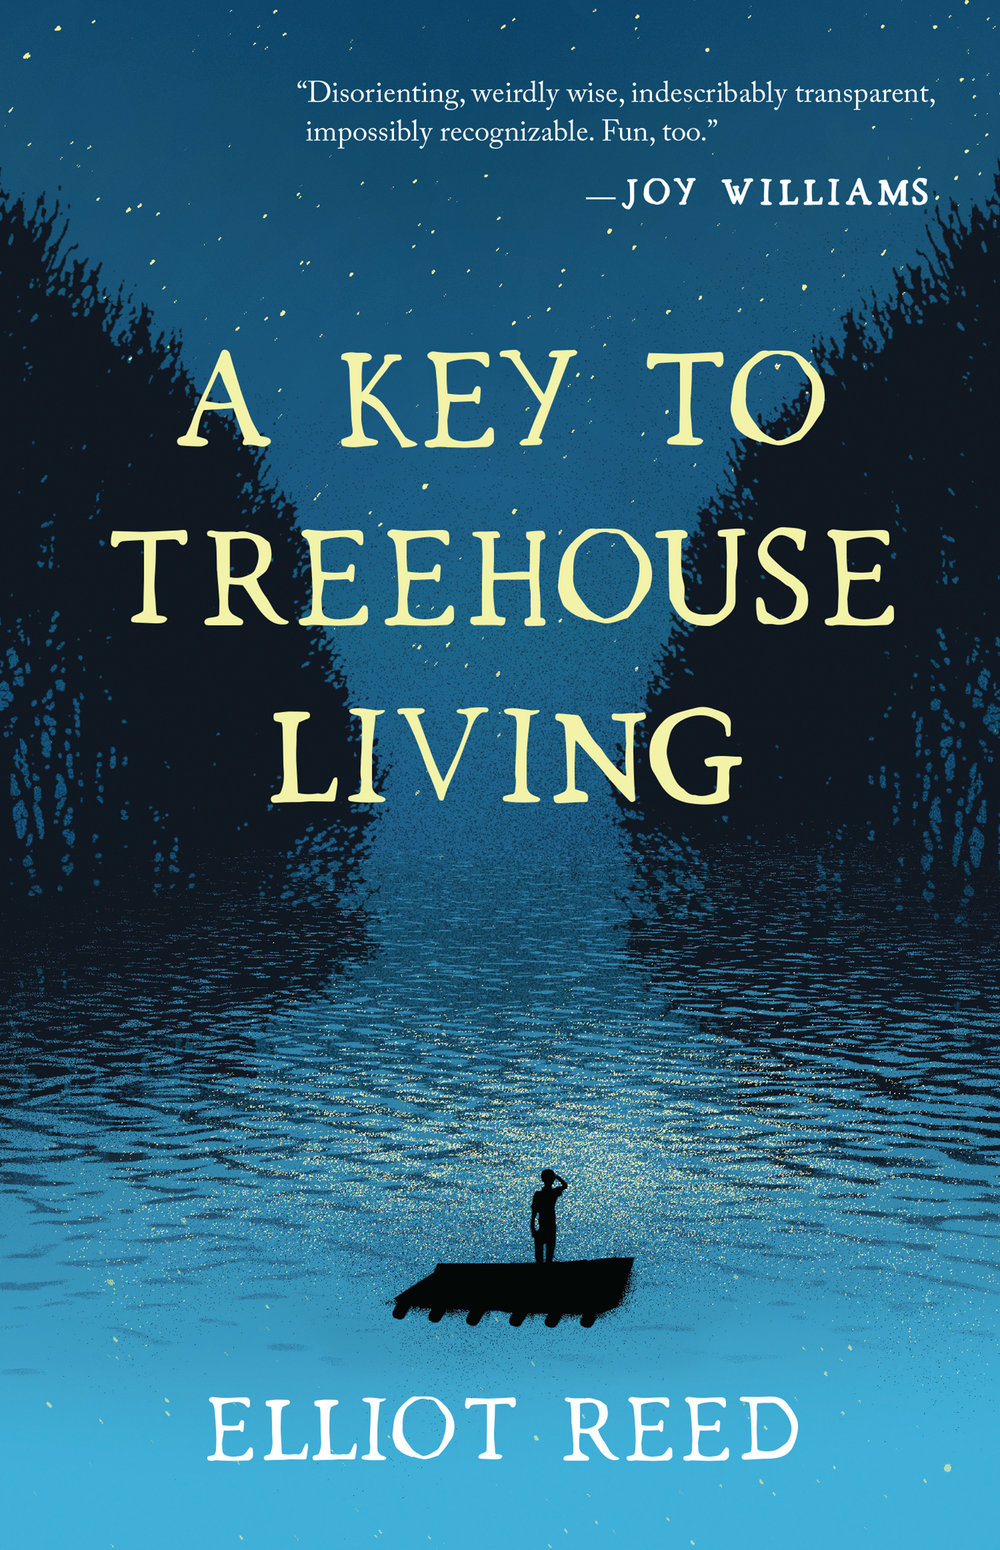 A-Key-to-Treehouse-Living-RGB.jpg